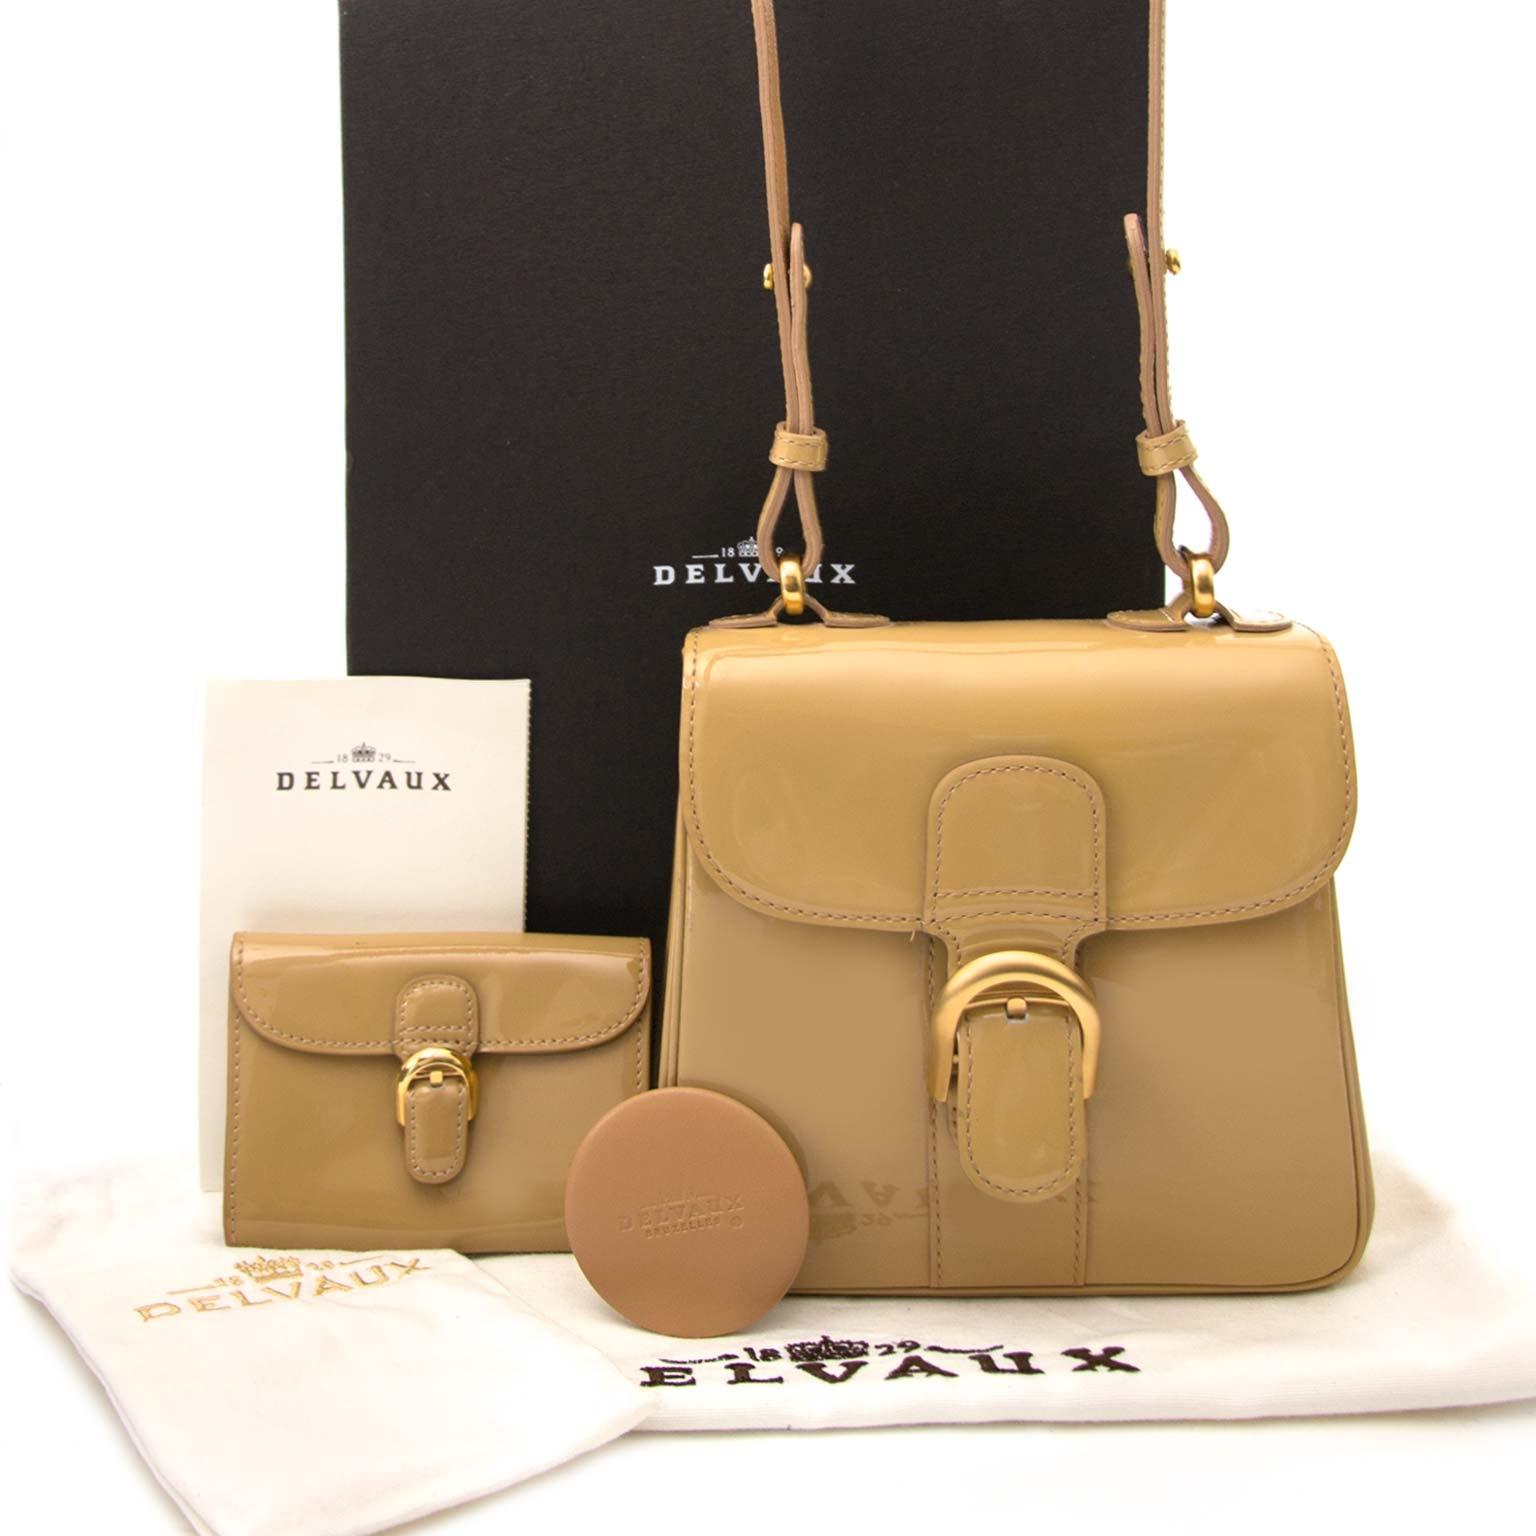 Koop en verkoop uw authentieke designer handtas bij Labellov.